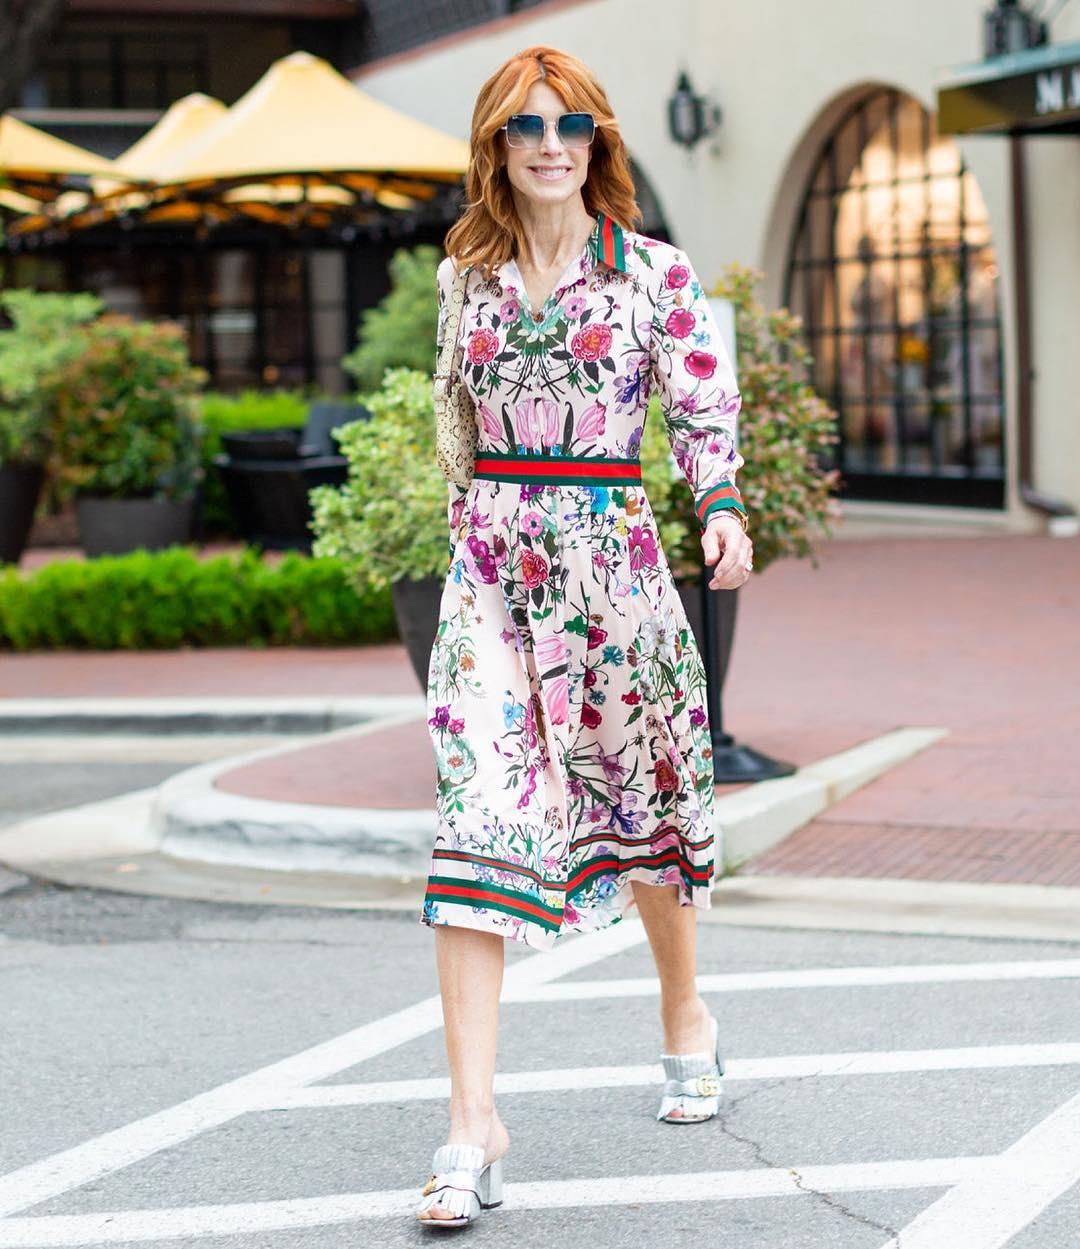 с чем носить платье летом женщинам после 40-50 лет фото 10